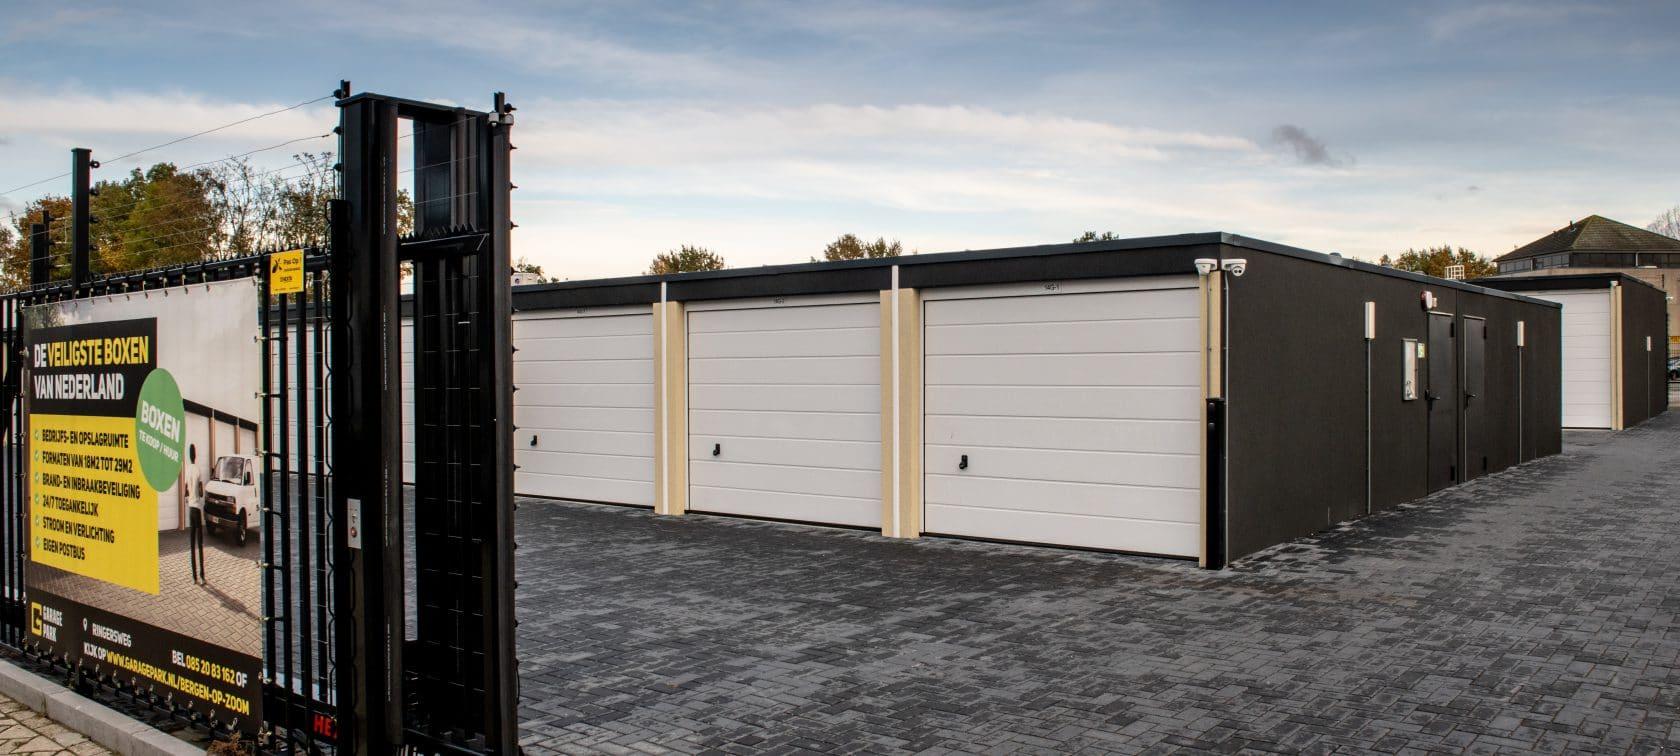 GaragePark Bergen op Zoom